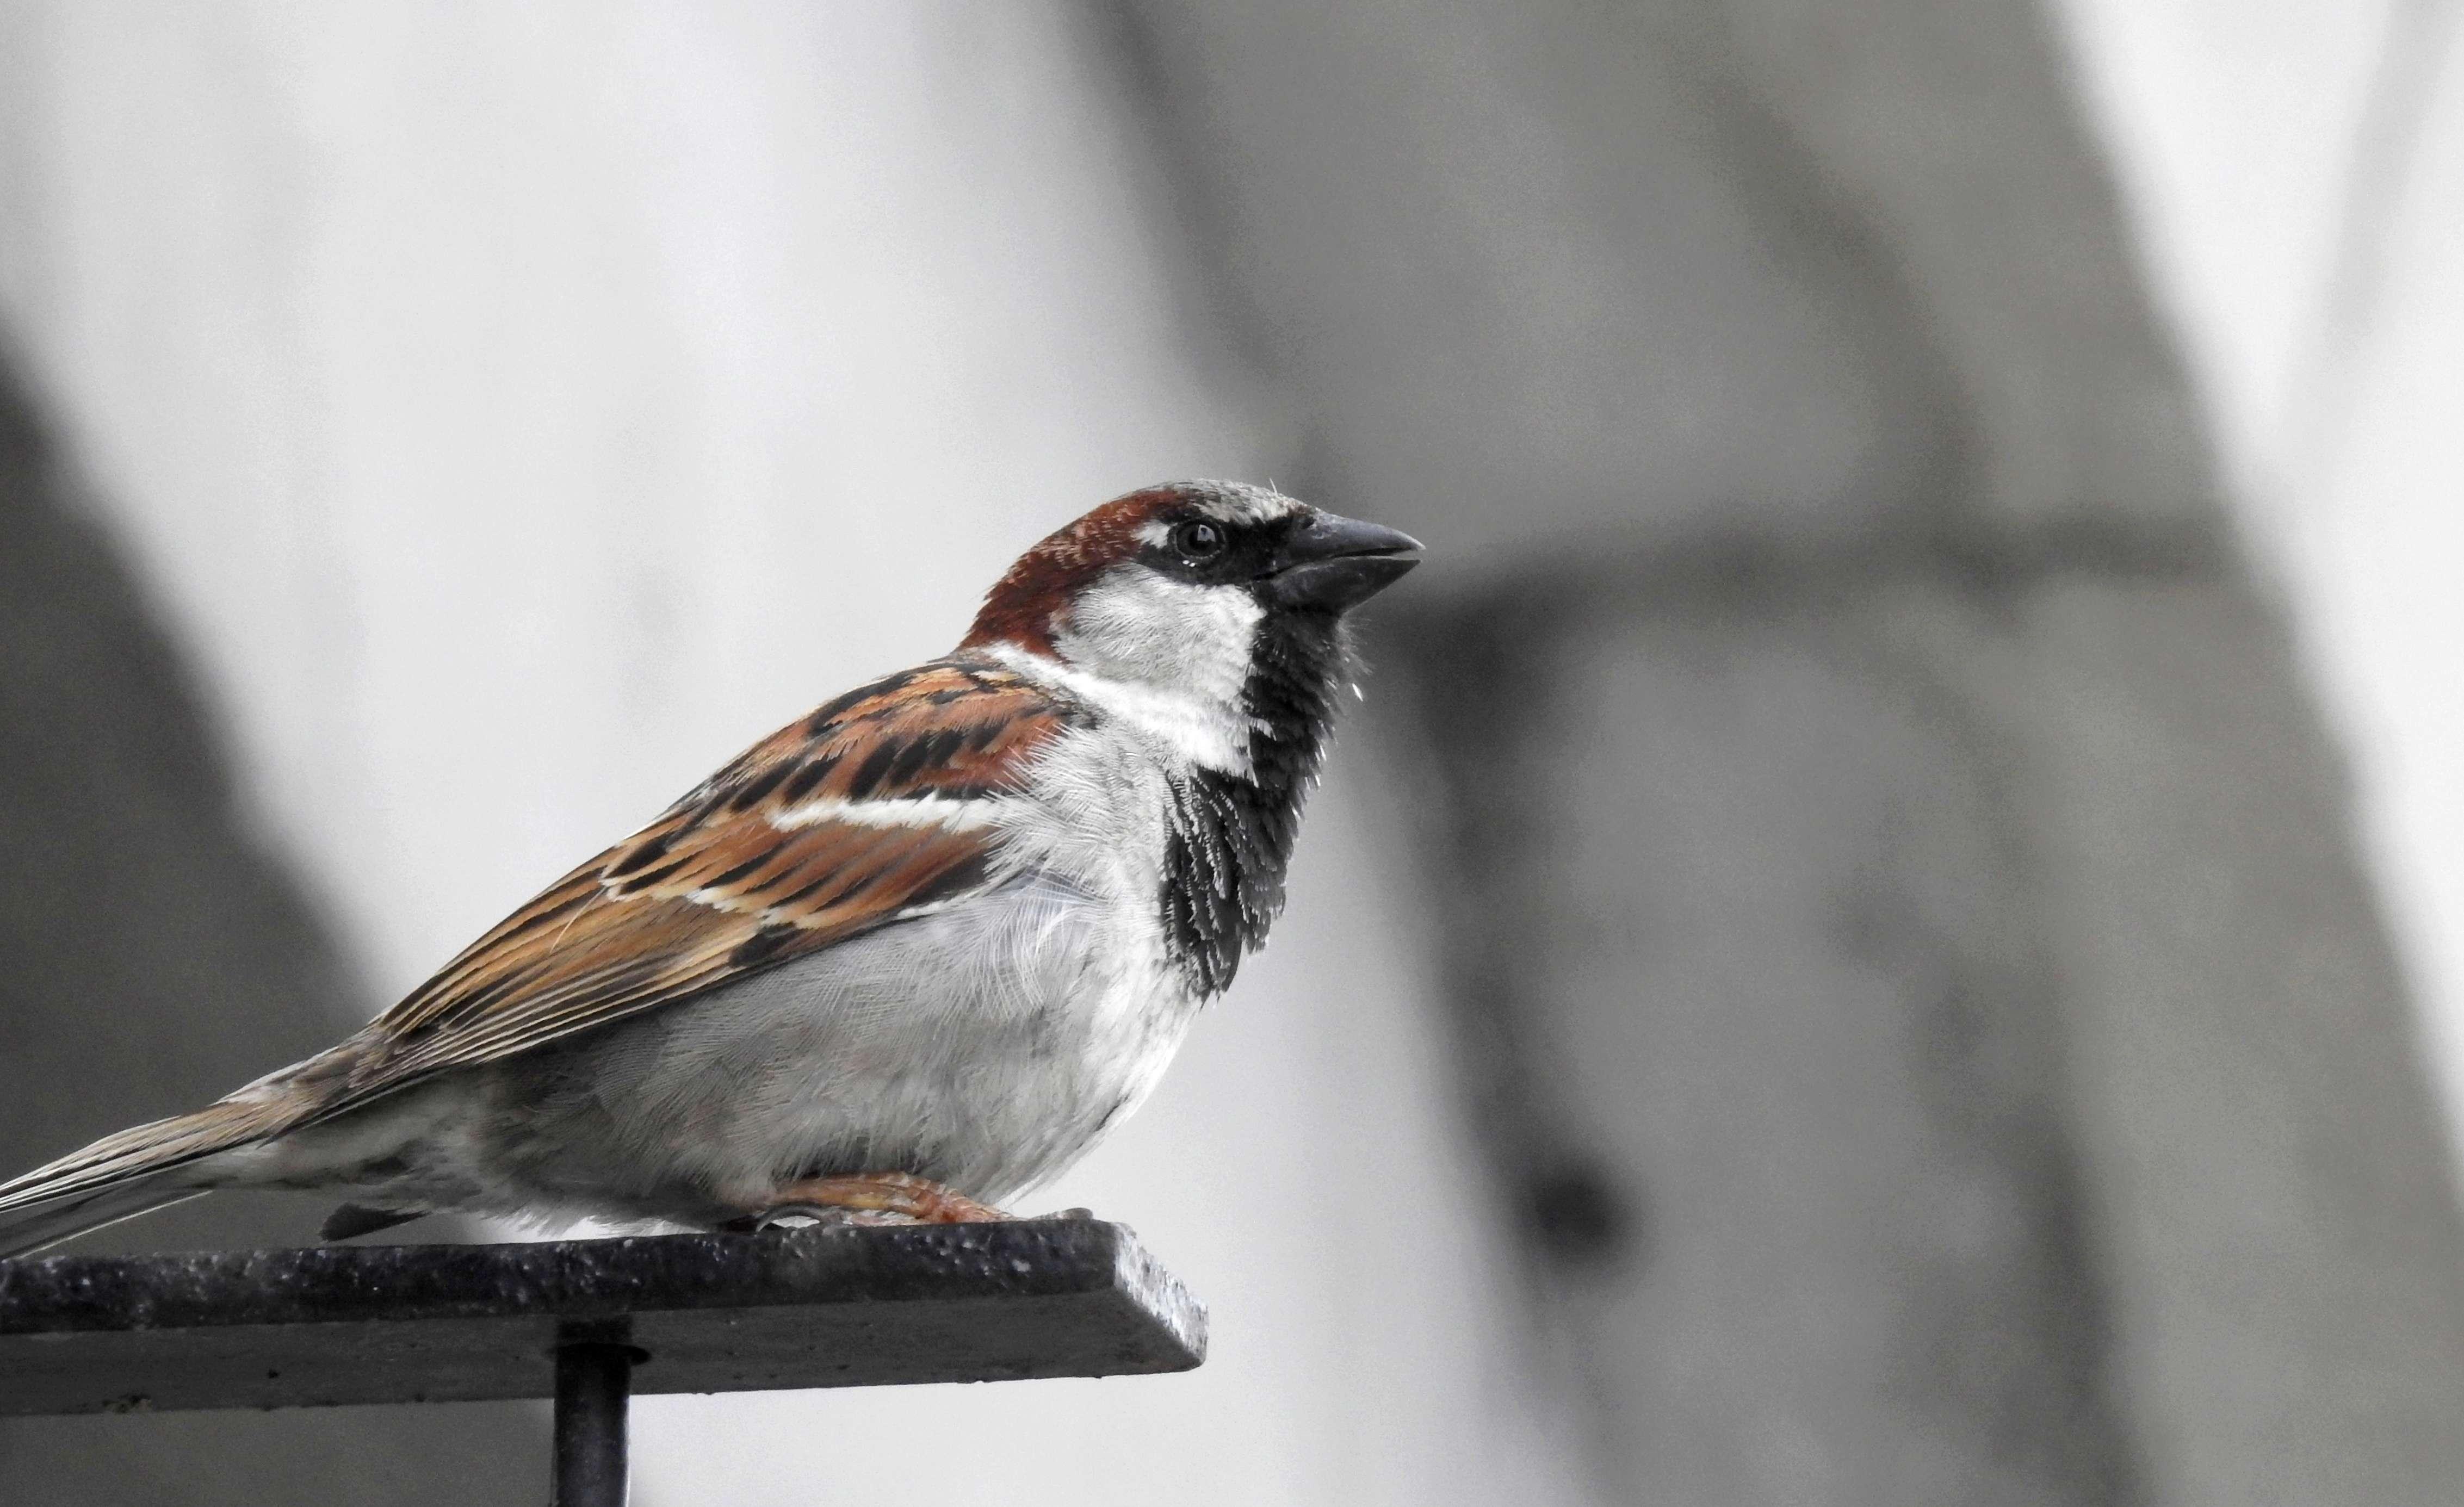 [Ouvert] FIL - Oiseaux. - Page 14 2018-079